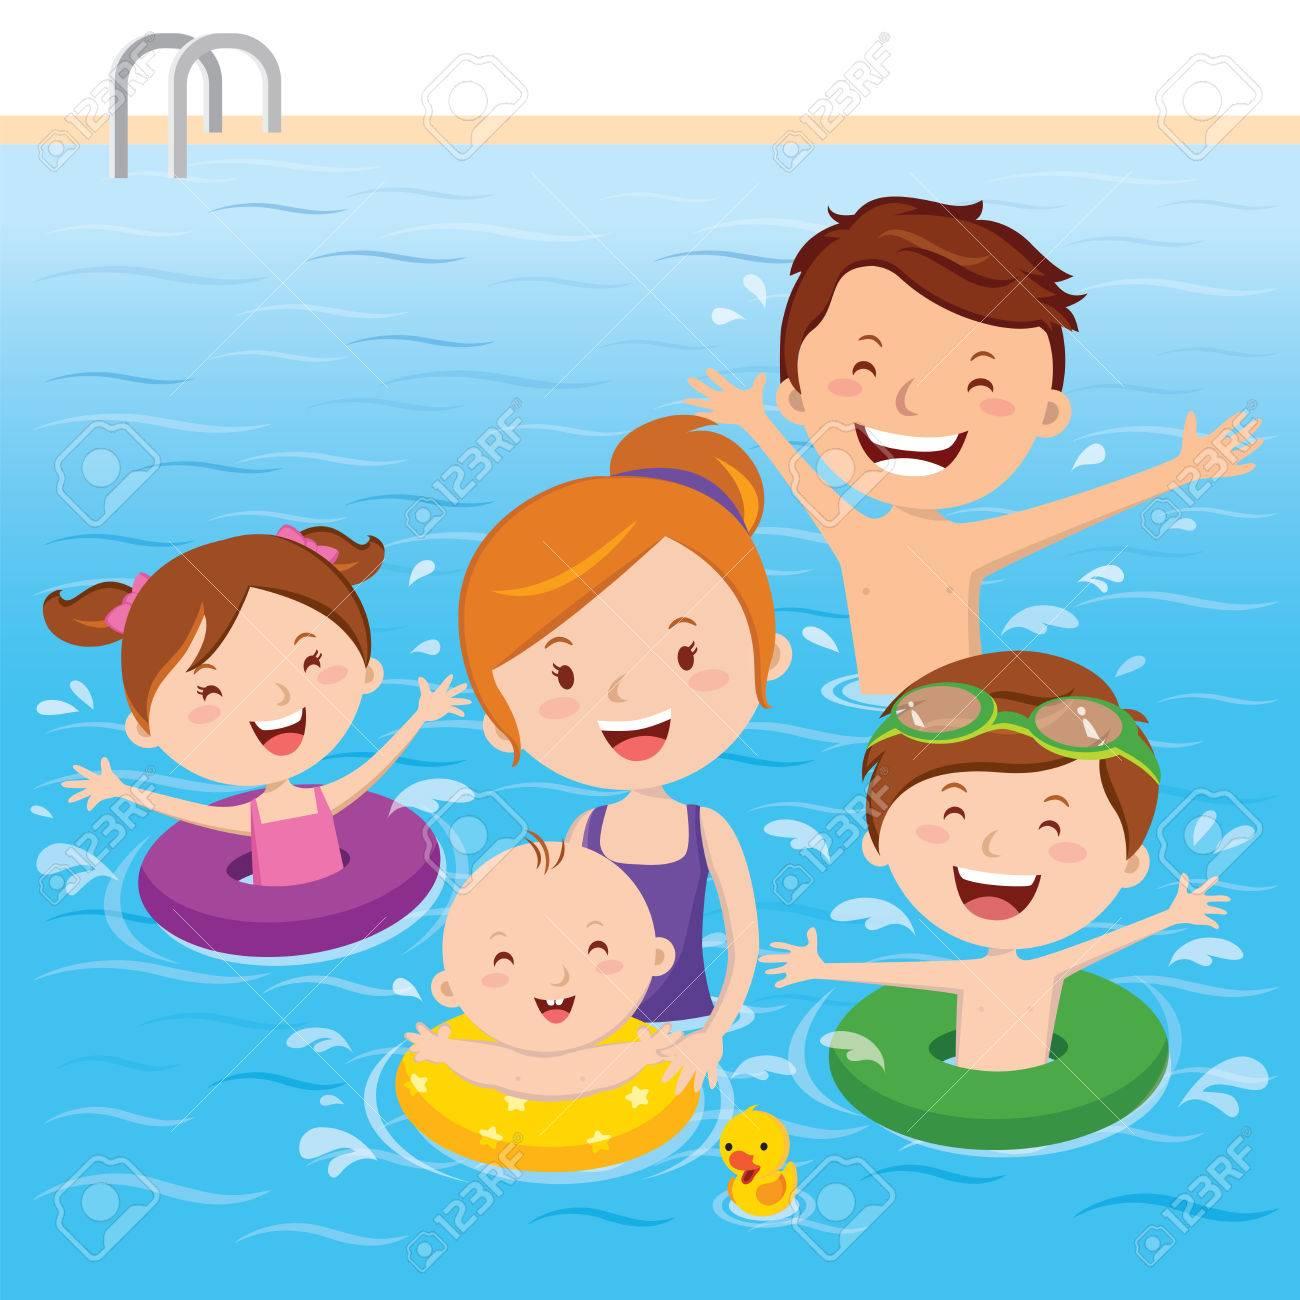 Swim clipart splash pool Transparent pictures on F.